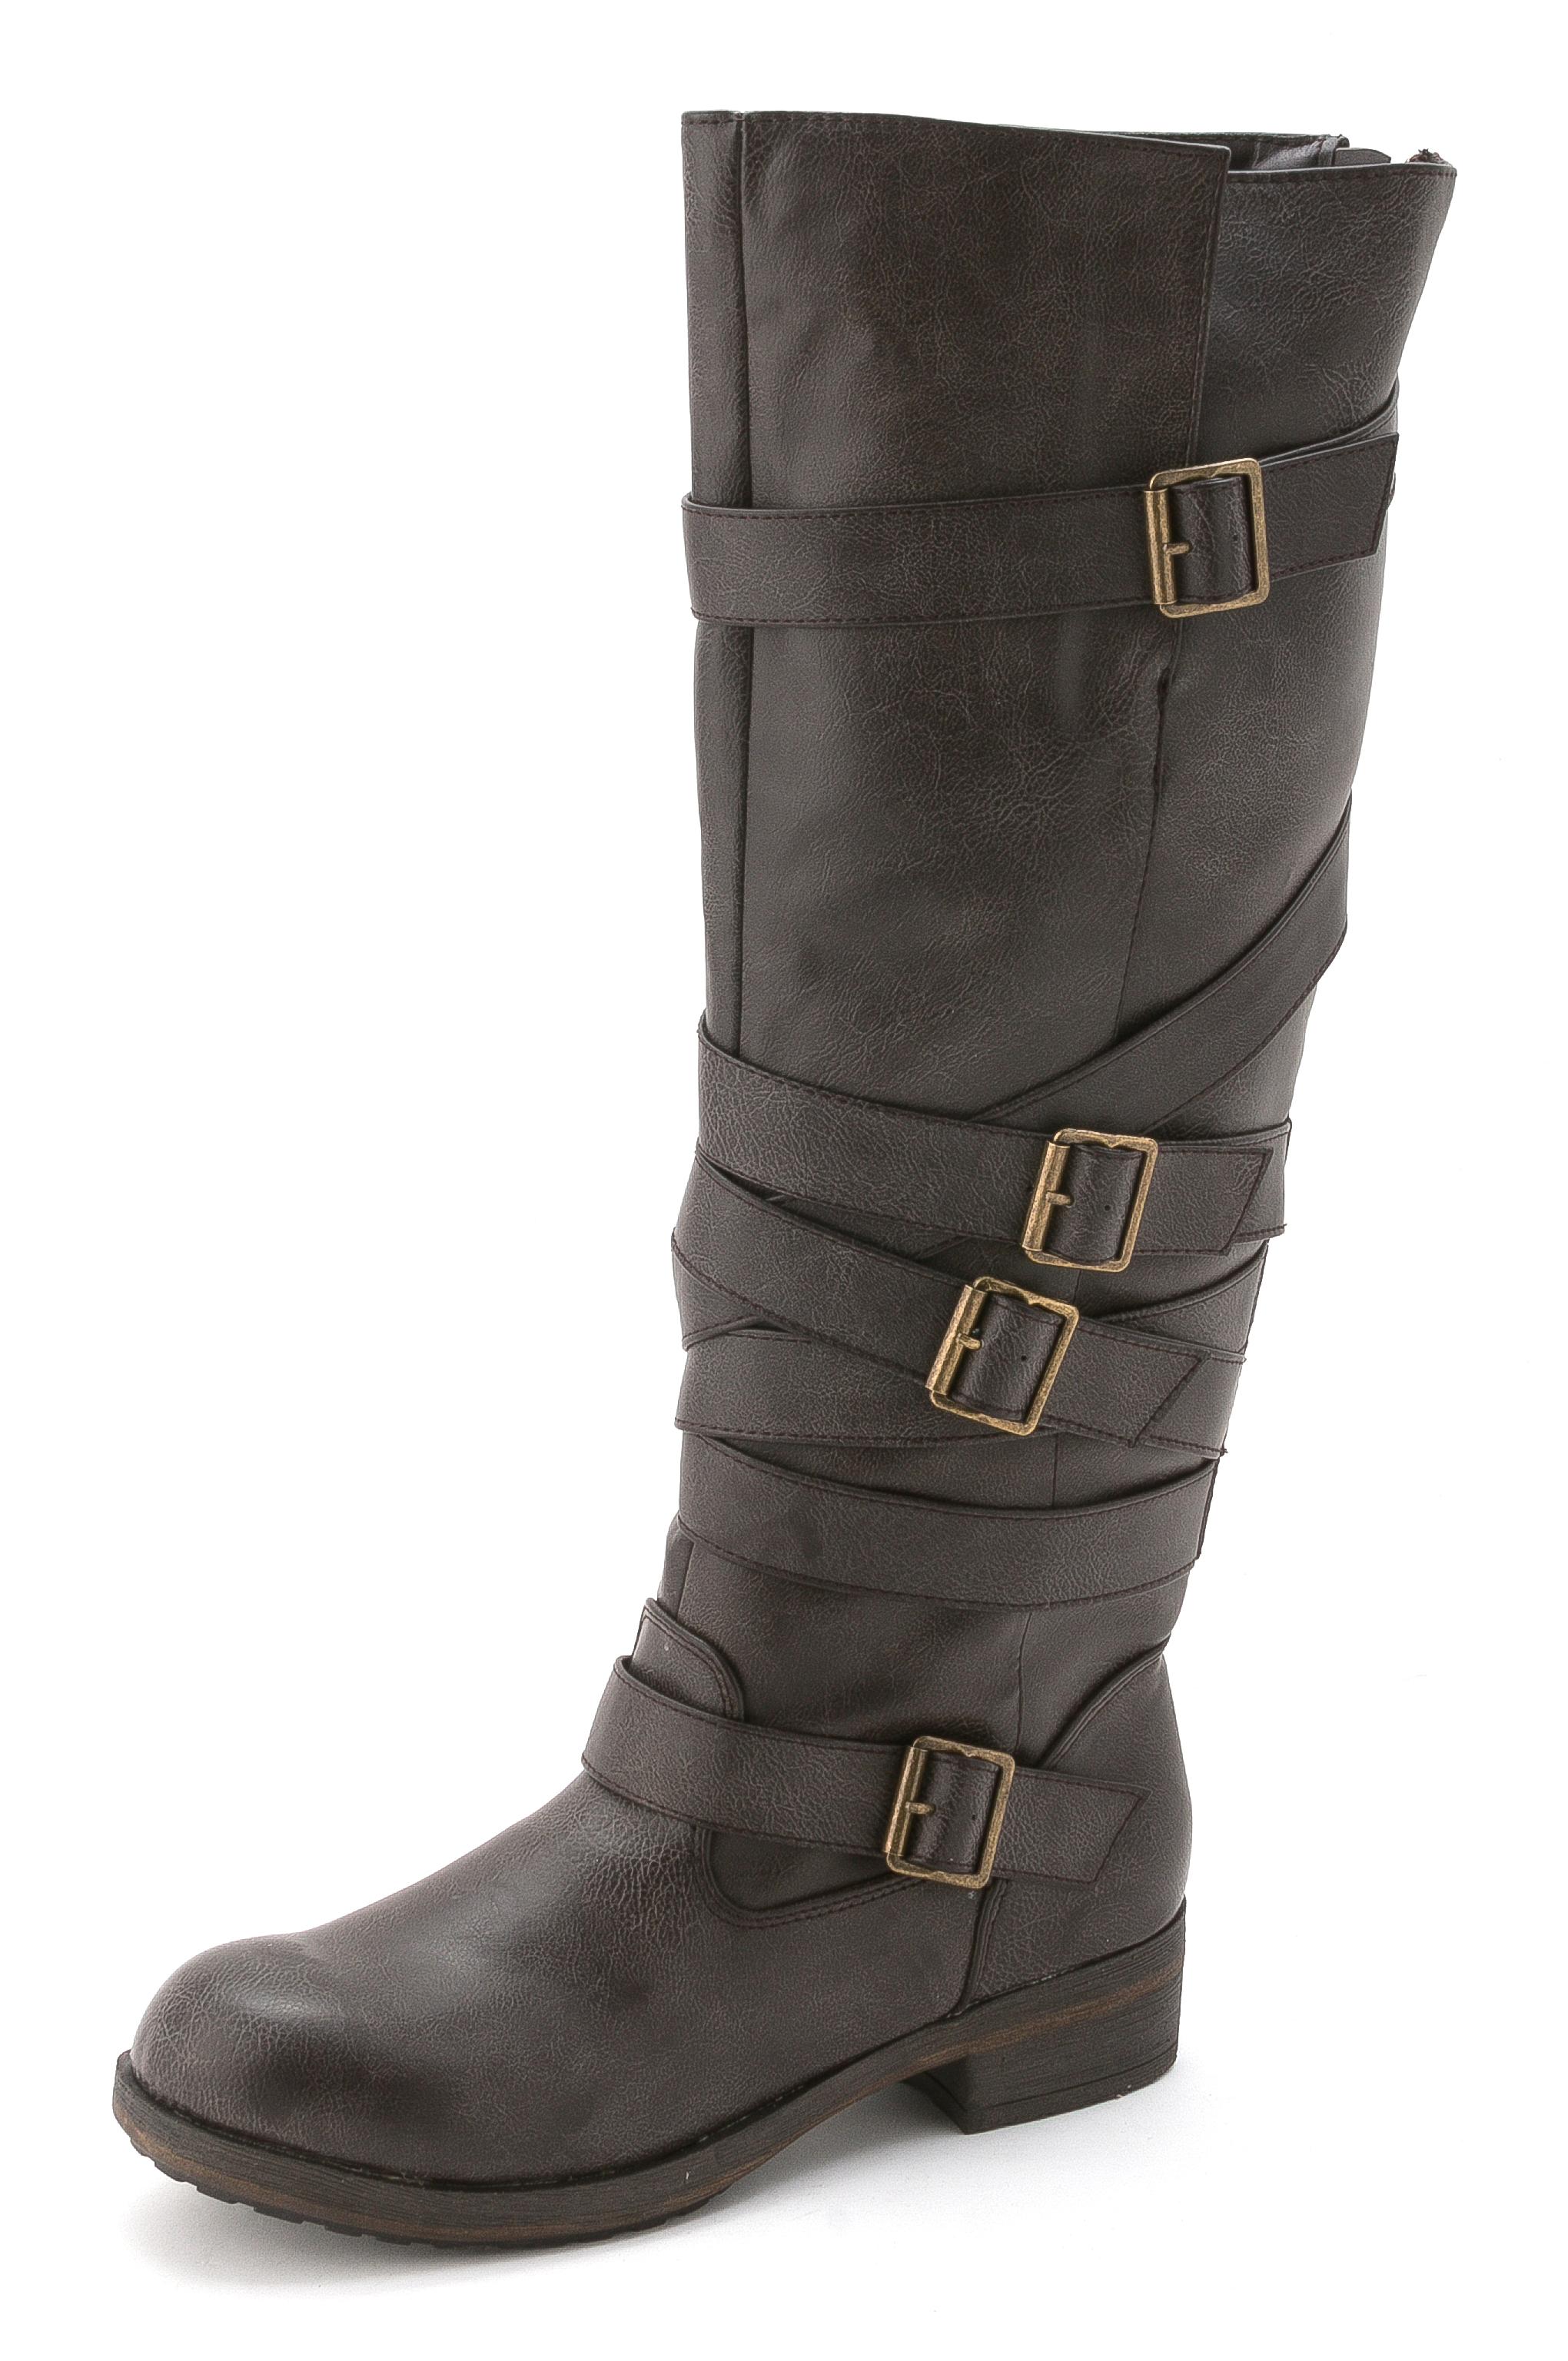 Madden Girl Women S Cactuss Boots: Madden Girl Women Lilith Wide Calf Knee High Boot, Brown